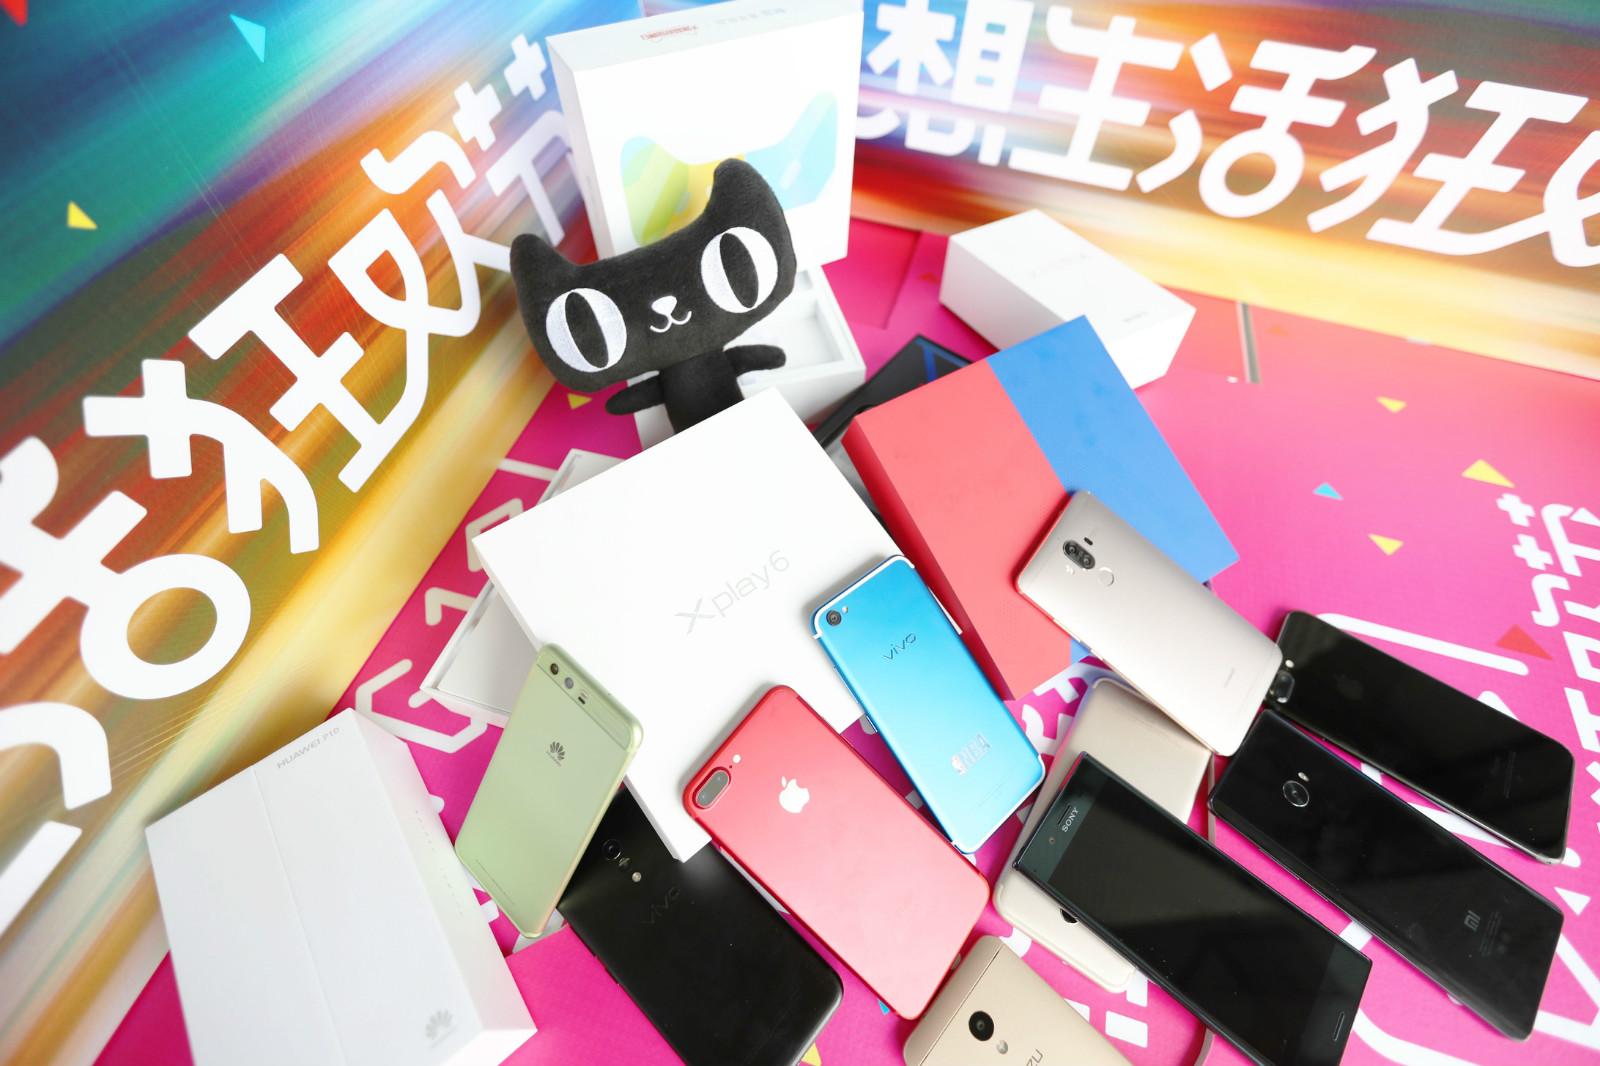 天猫814全球3C家电狂欢周:诺基亚回归、小米、OPPO锁定天猫首发新品_meitu_2